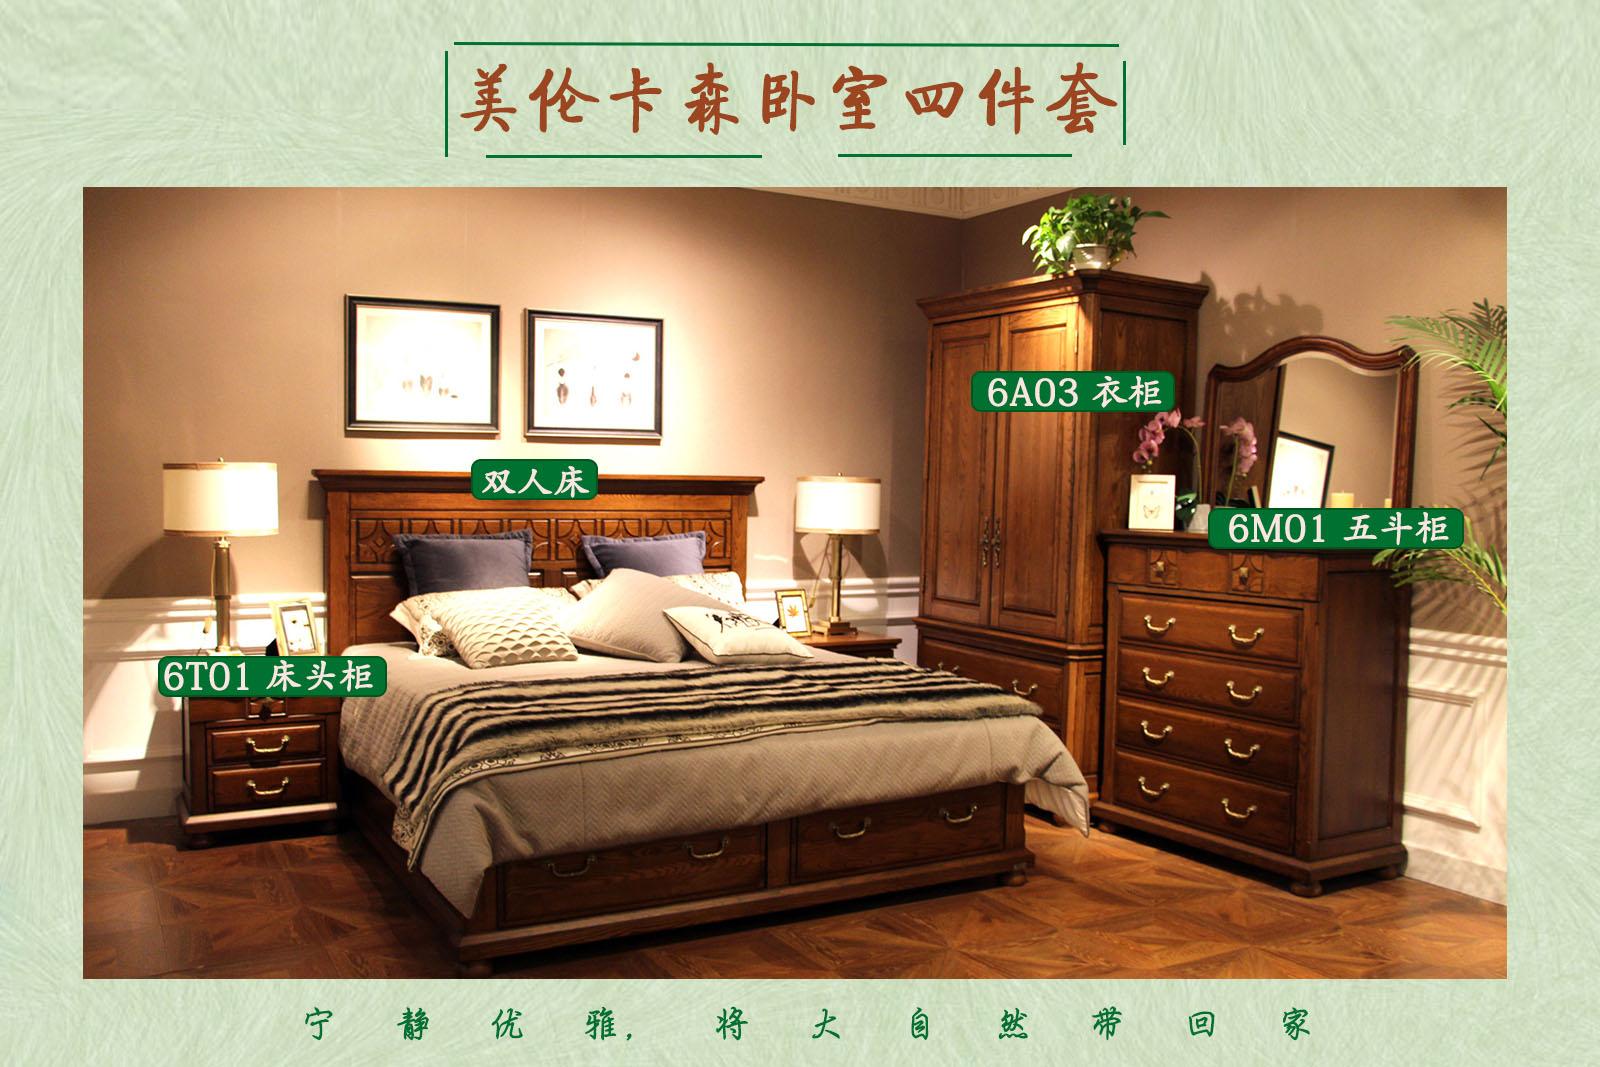 文艺清新卧室四件套实木的清香带进卧室